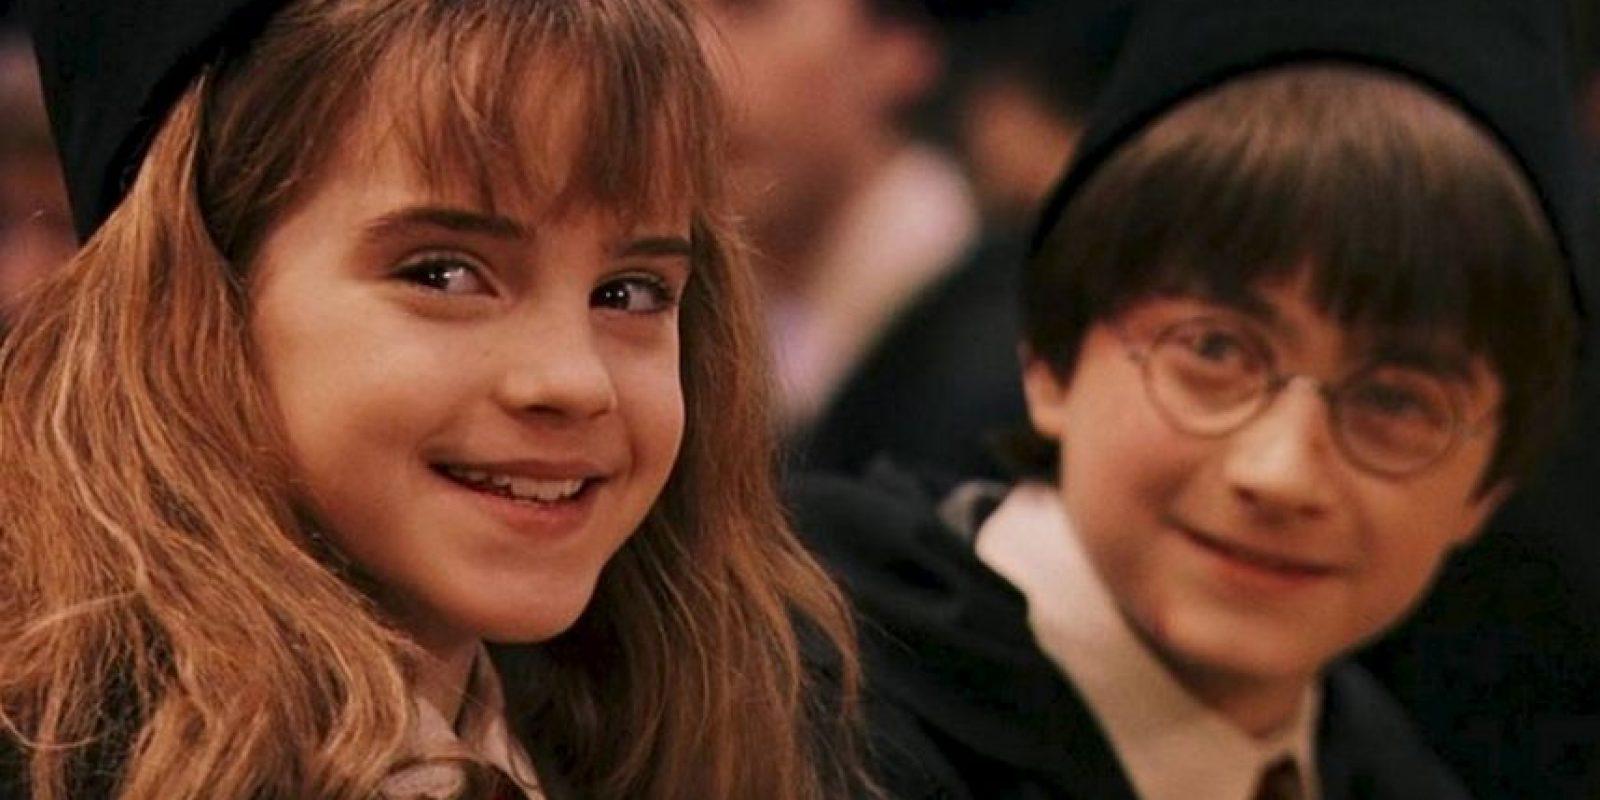 Inicialmente, Steven Spielberg iba a ser nombrado director de la película, pero se dice que no le gustó que la autora JK Rowling pidiera que todos los actores fueran Ingleses. Spielberg quería que el papel de Harry le fuera otorgado a Haley Joel Osment Foto:Warner Bros